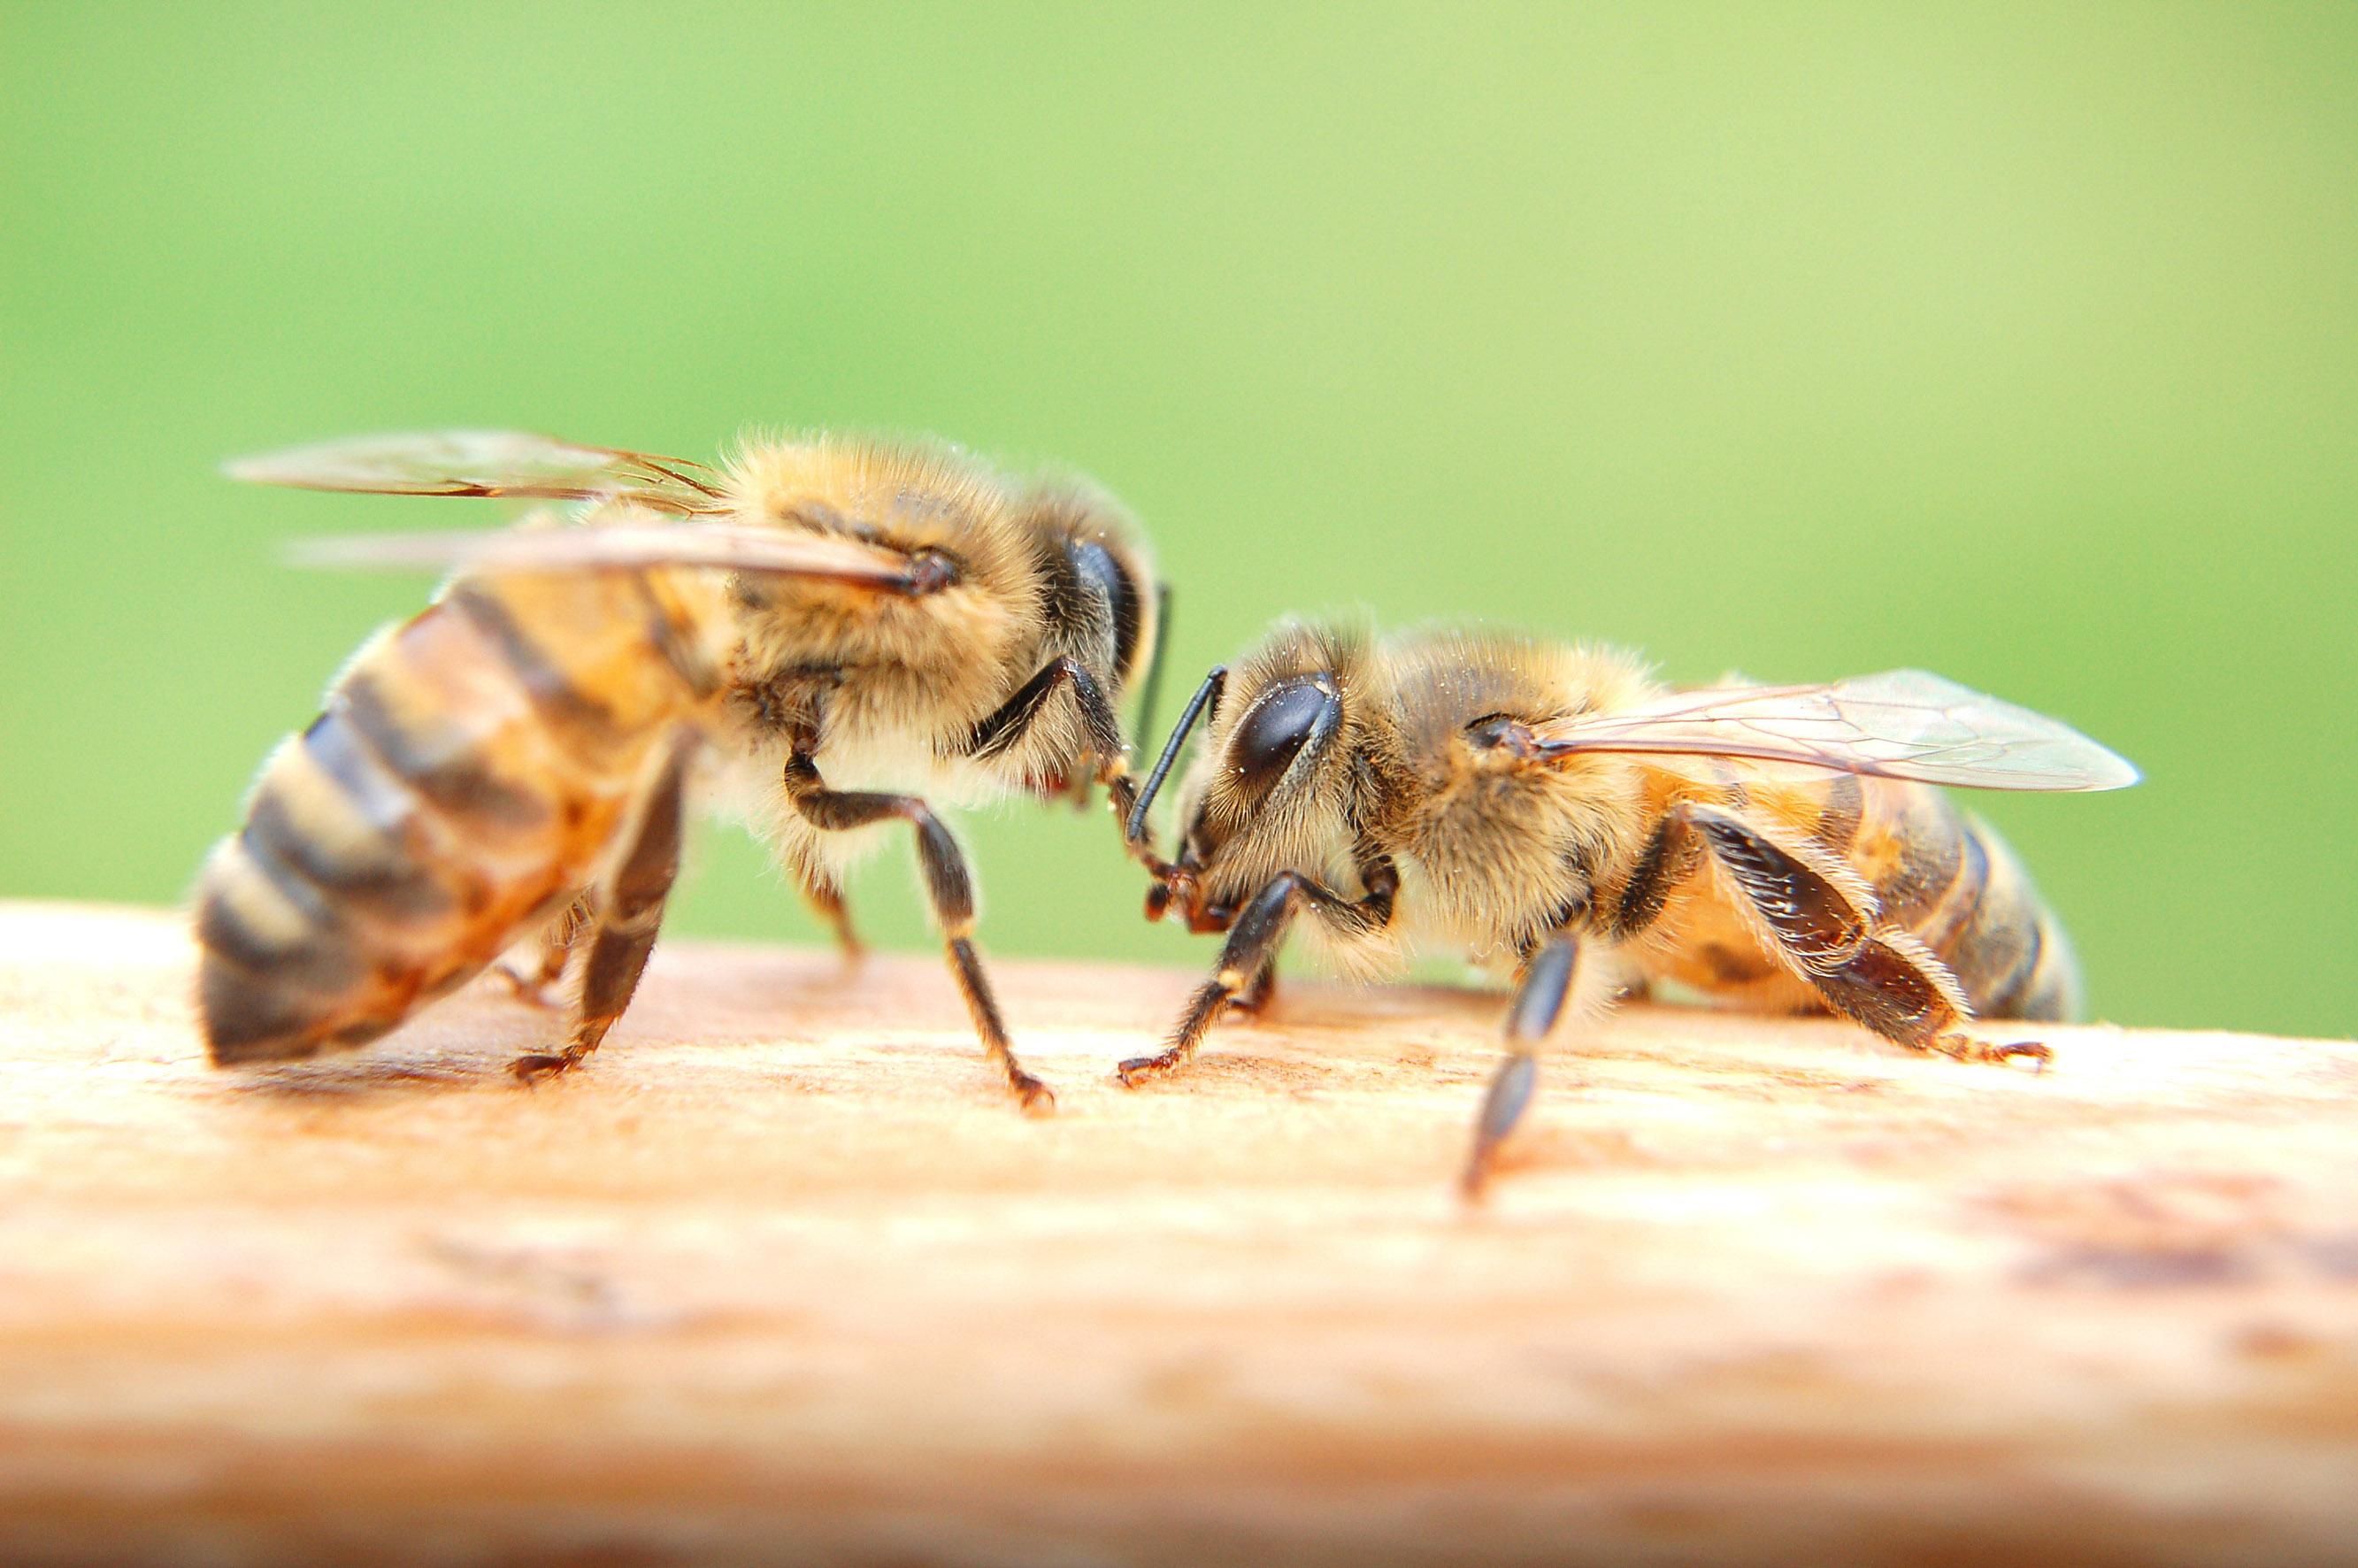 La maison blanche d voile un plan pour sauver les abeilles for Abeilles dans la maison